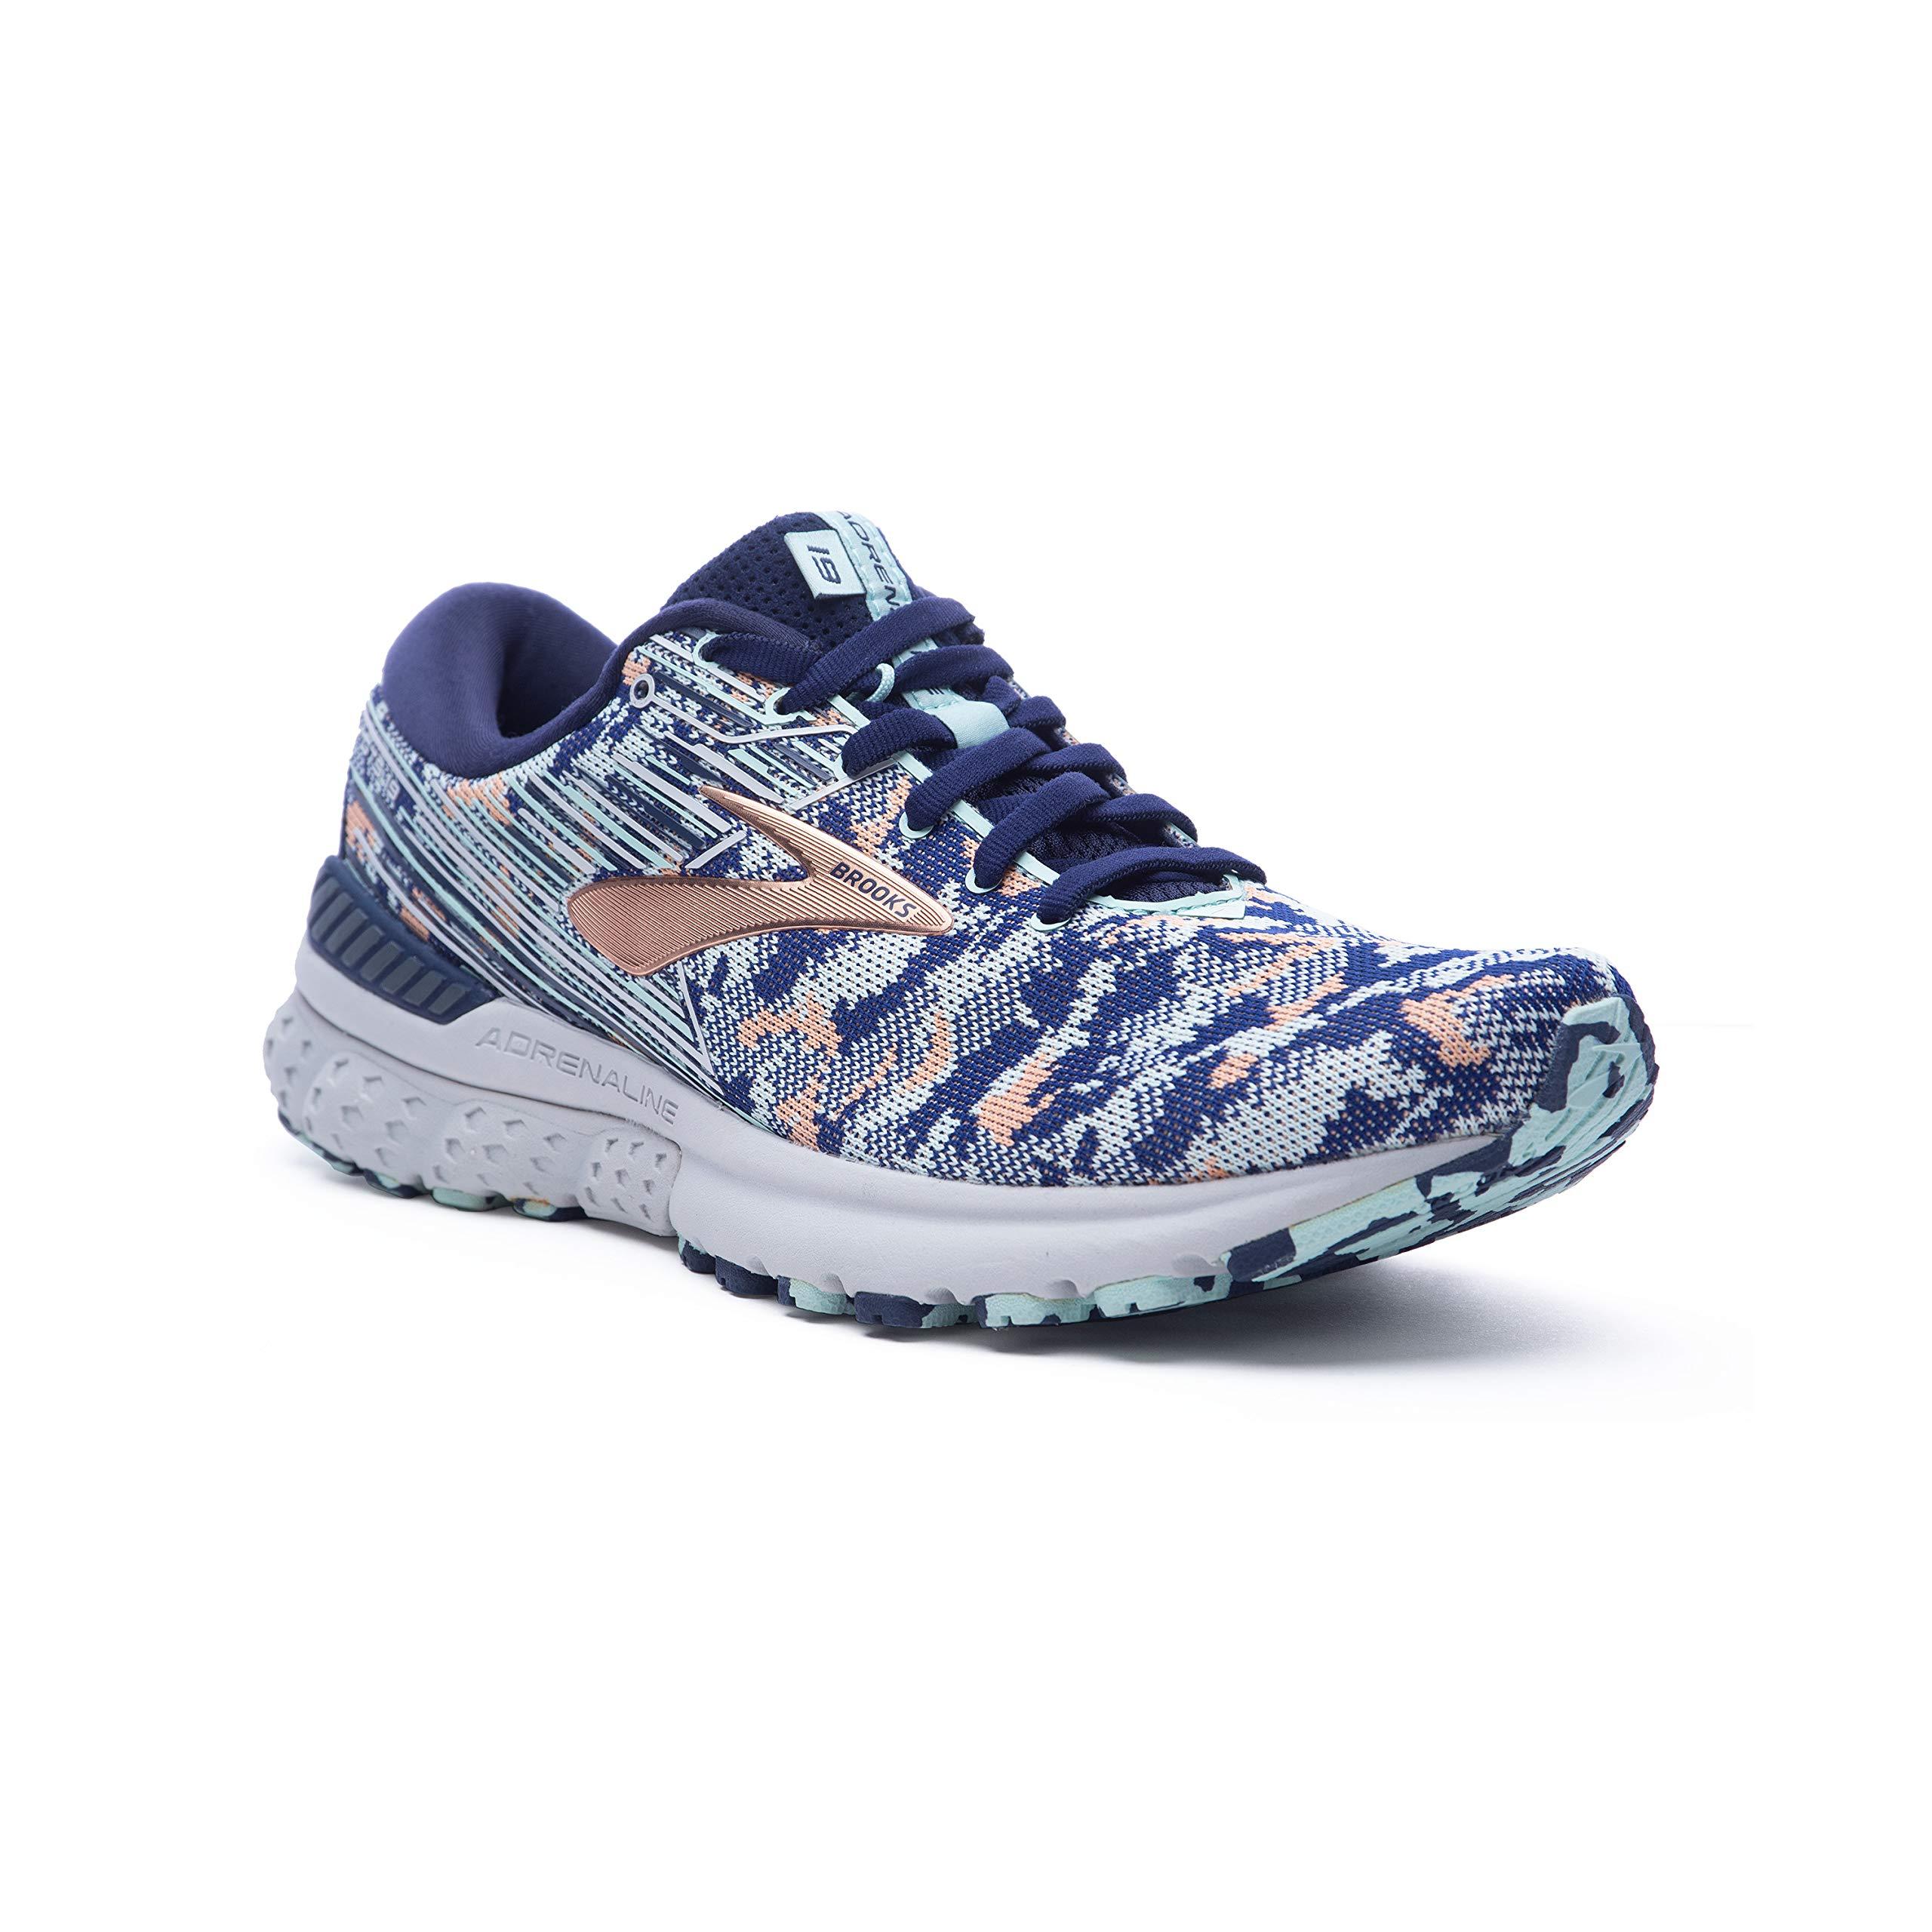 Brooks Womens Adrenaline GTS 19 Running Shoe - Navy/Coral/Ice - B - 10.0